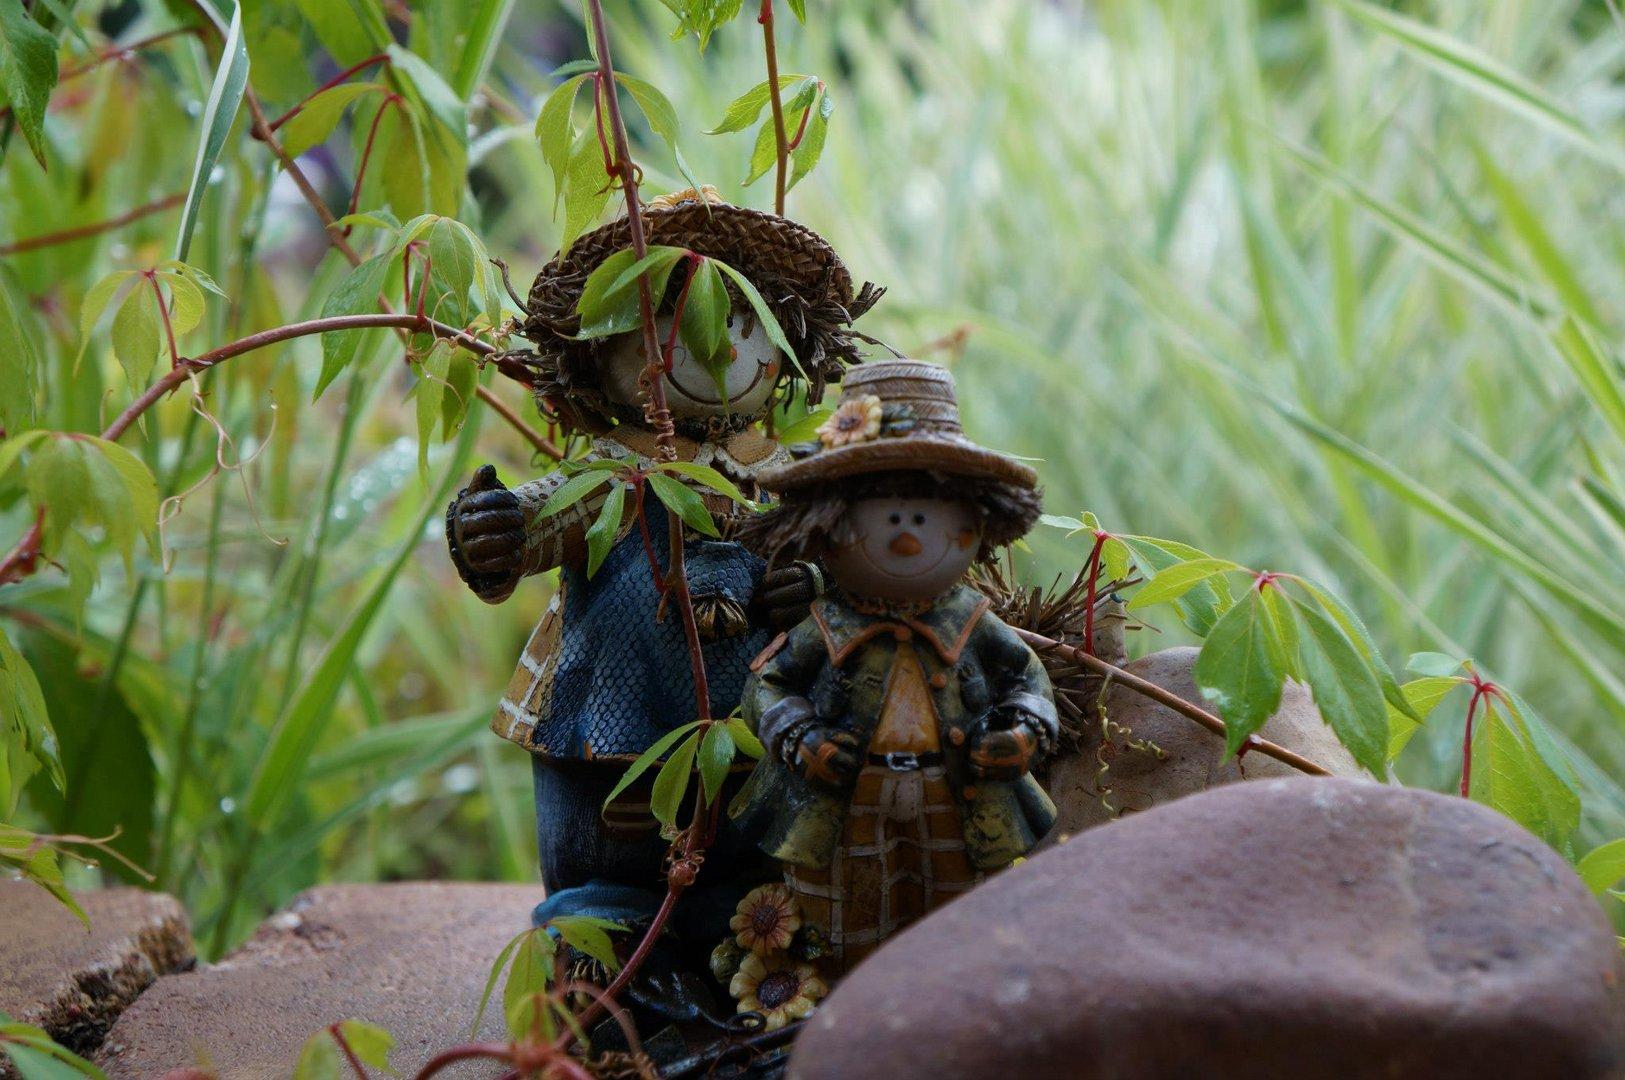 Gartenbewohner